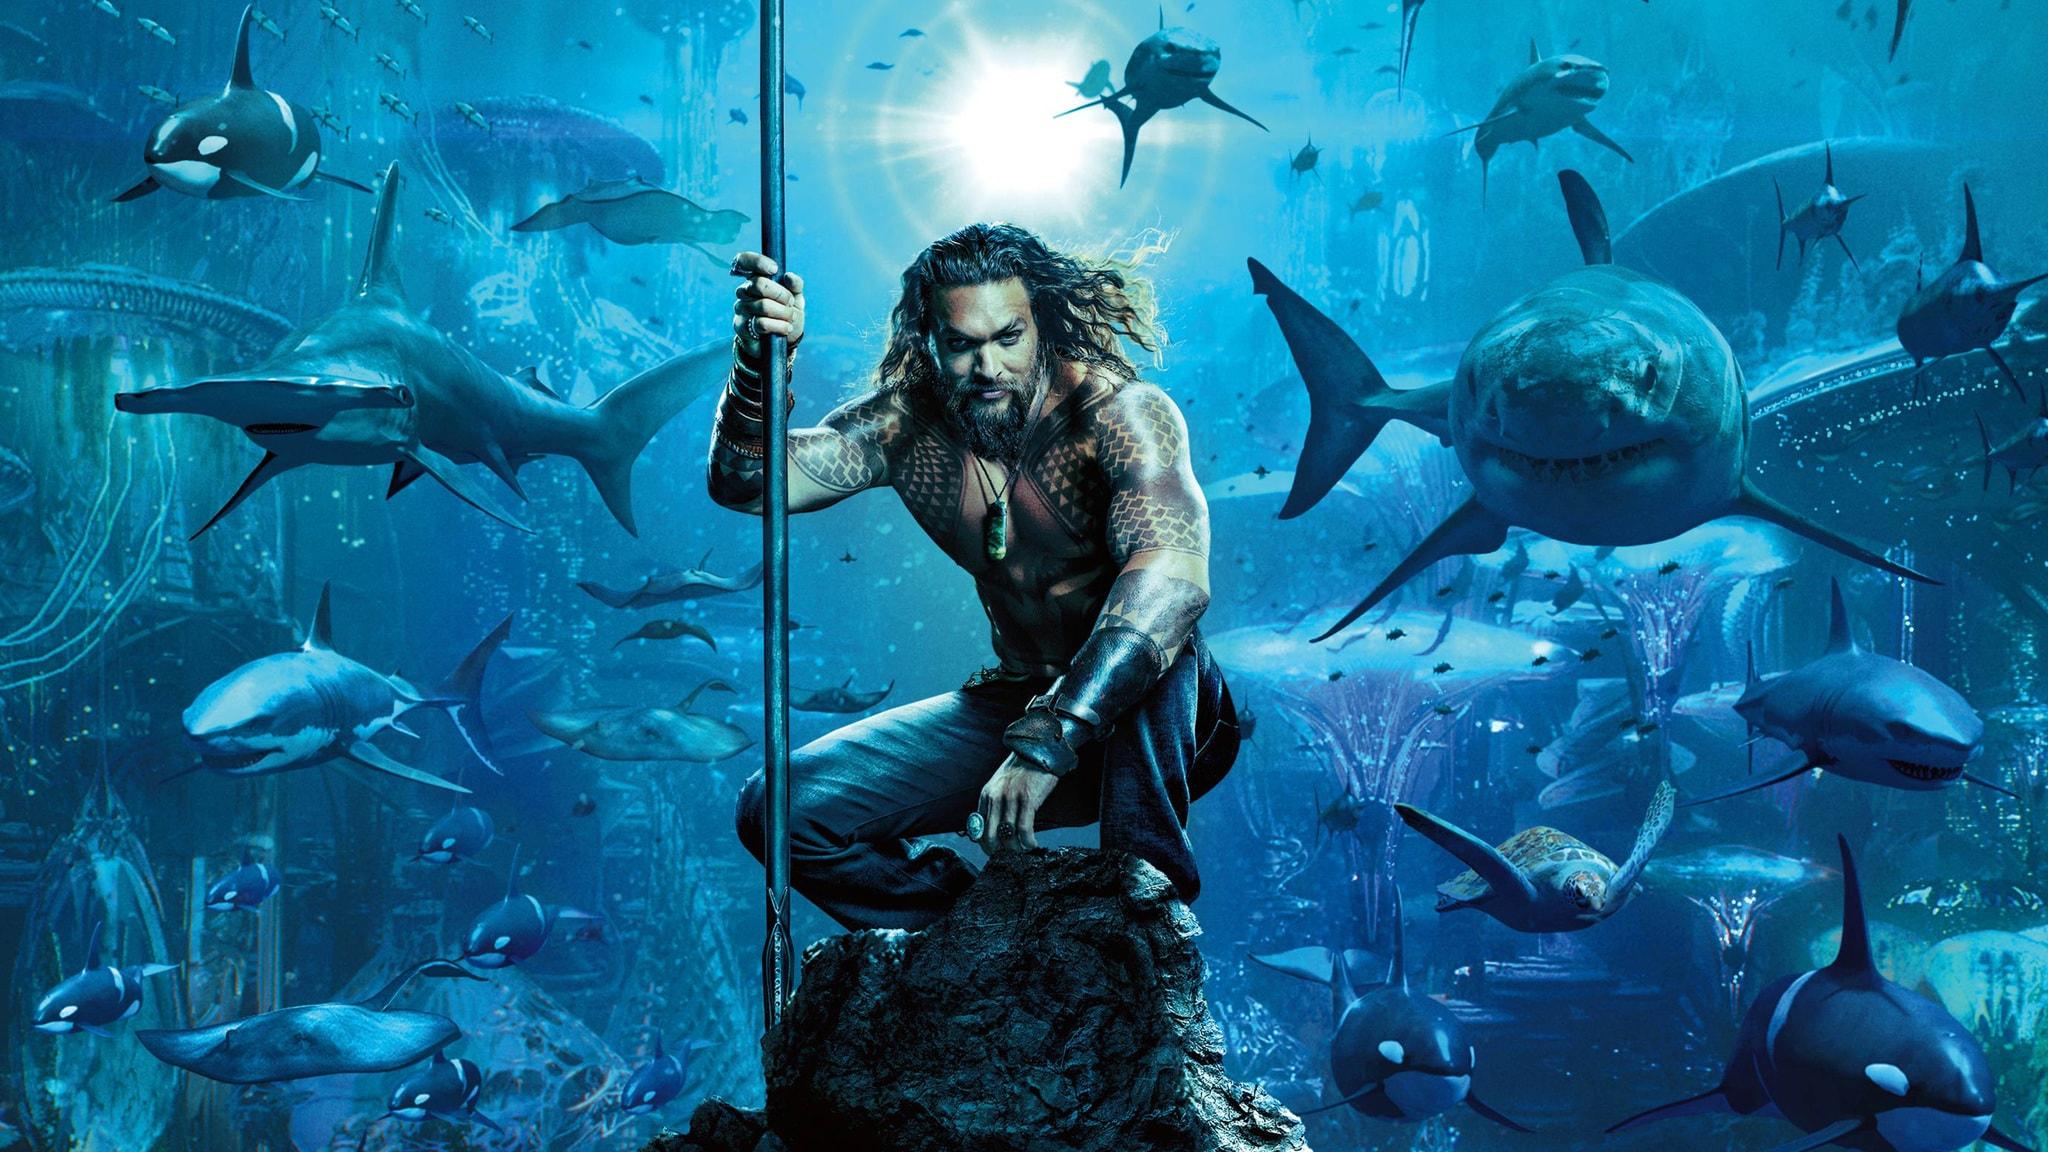 """Nädala parim film: ostke filmi """"Aquaman"""" koos Jason Momoa hinnaga 9,90 R $"""